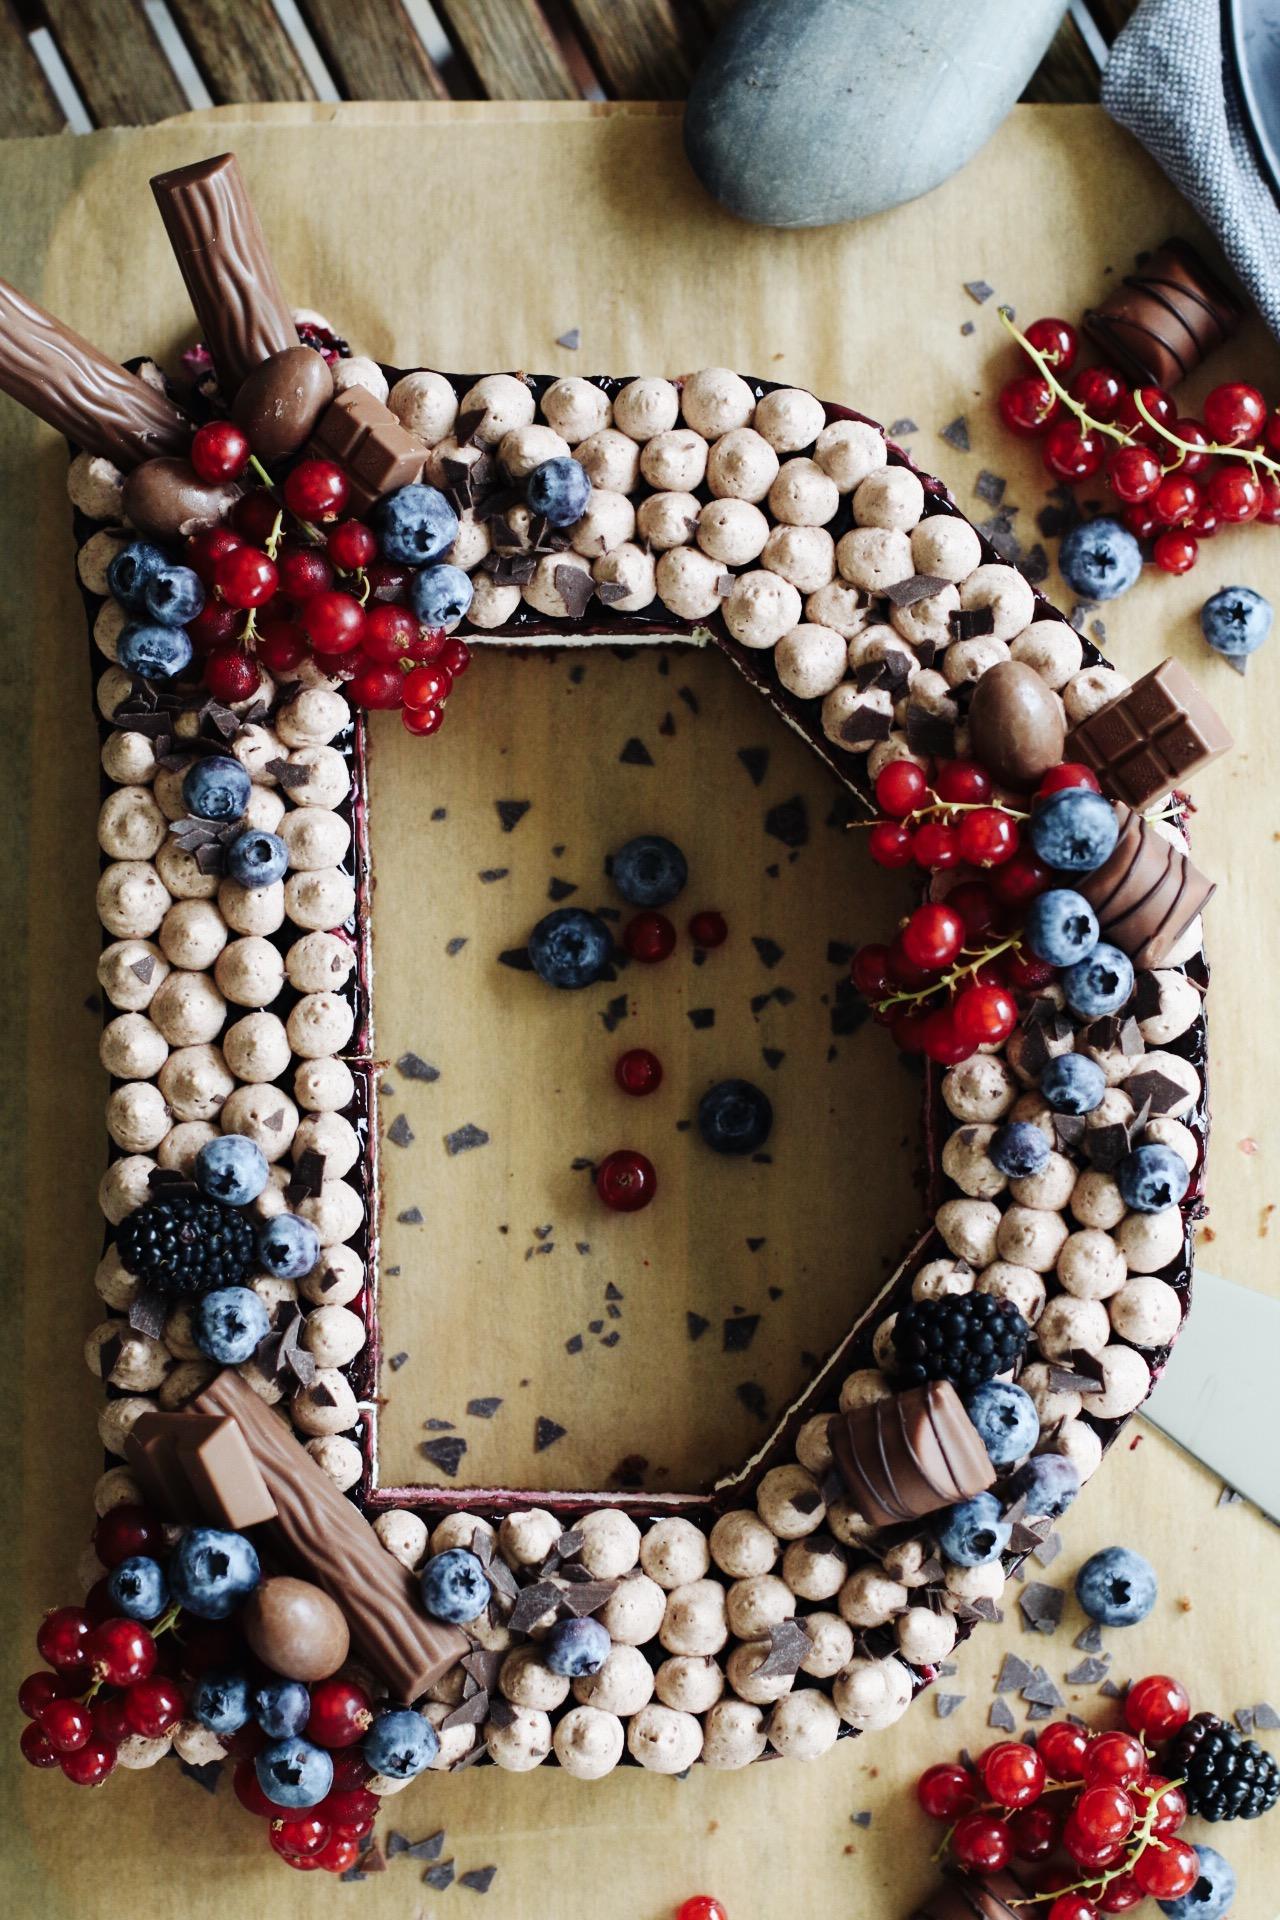 Schneller Letter Candy Cake mit Schokolade & Beeren by eat blog love